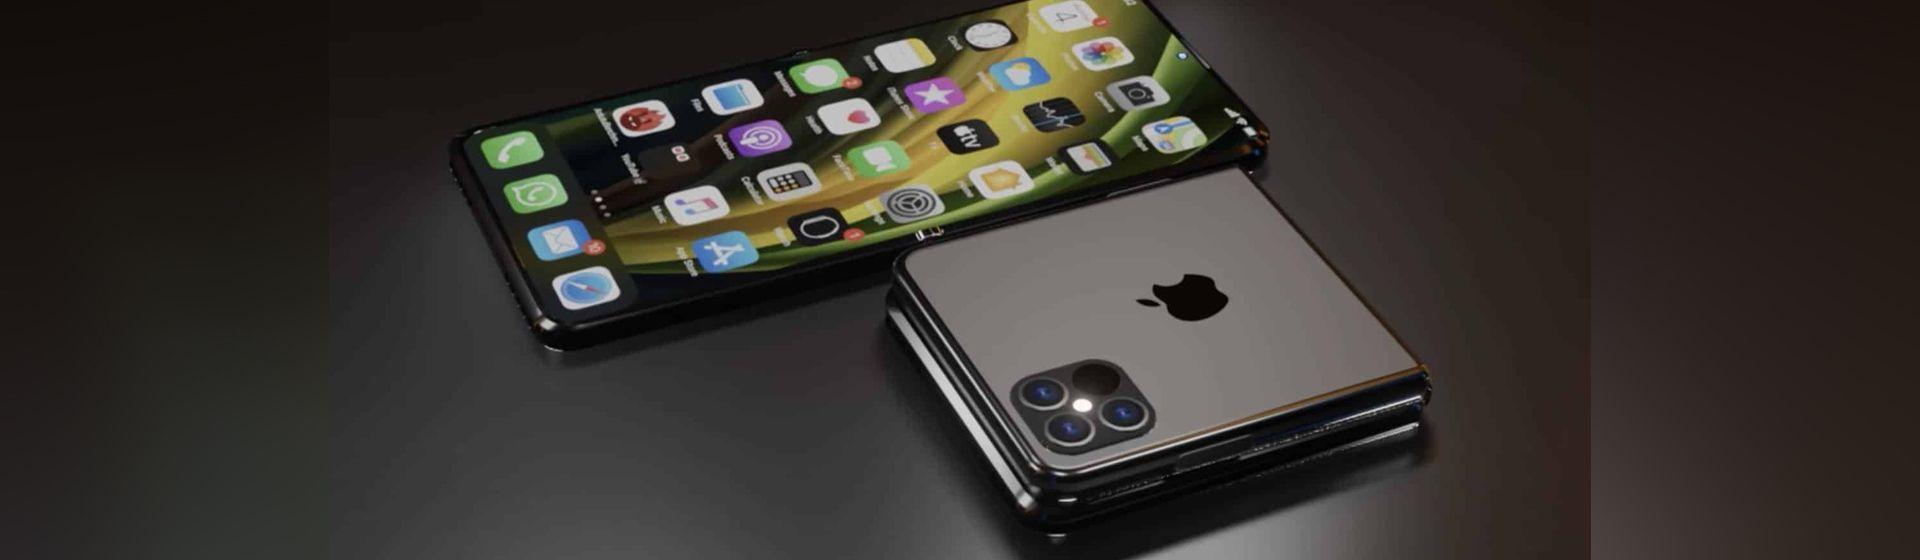 Rumores indicam que Apple está testando um iPhone dobrável para lançar ainda em 2022